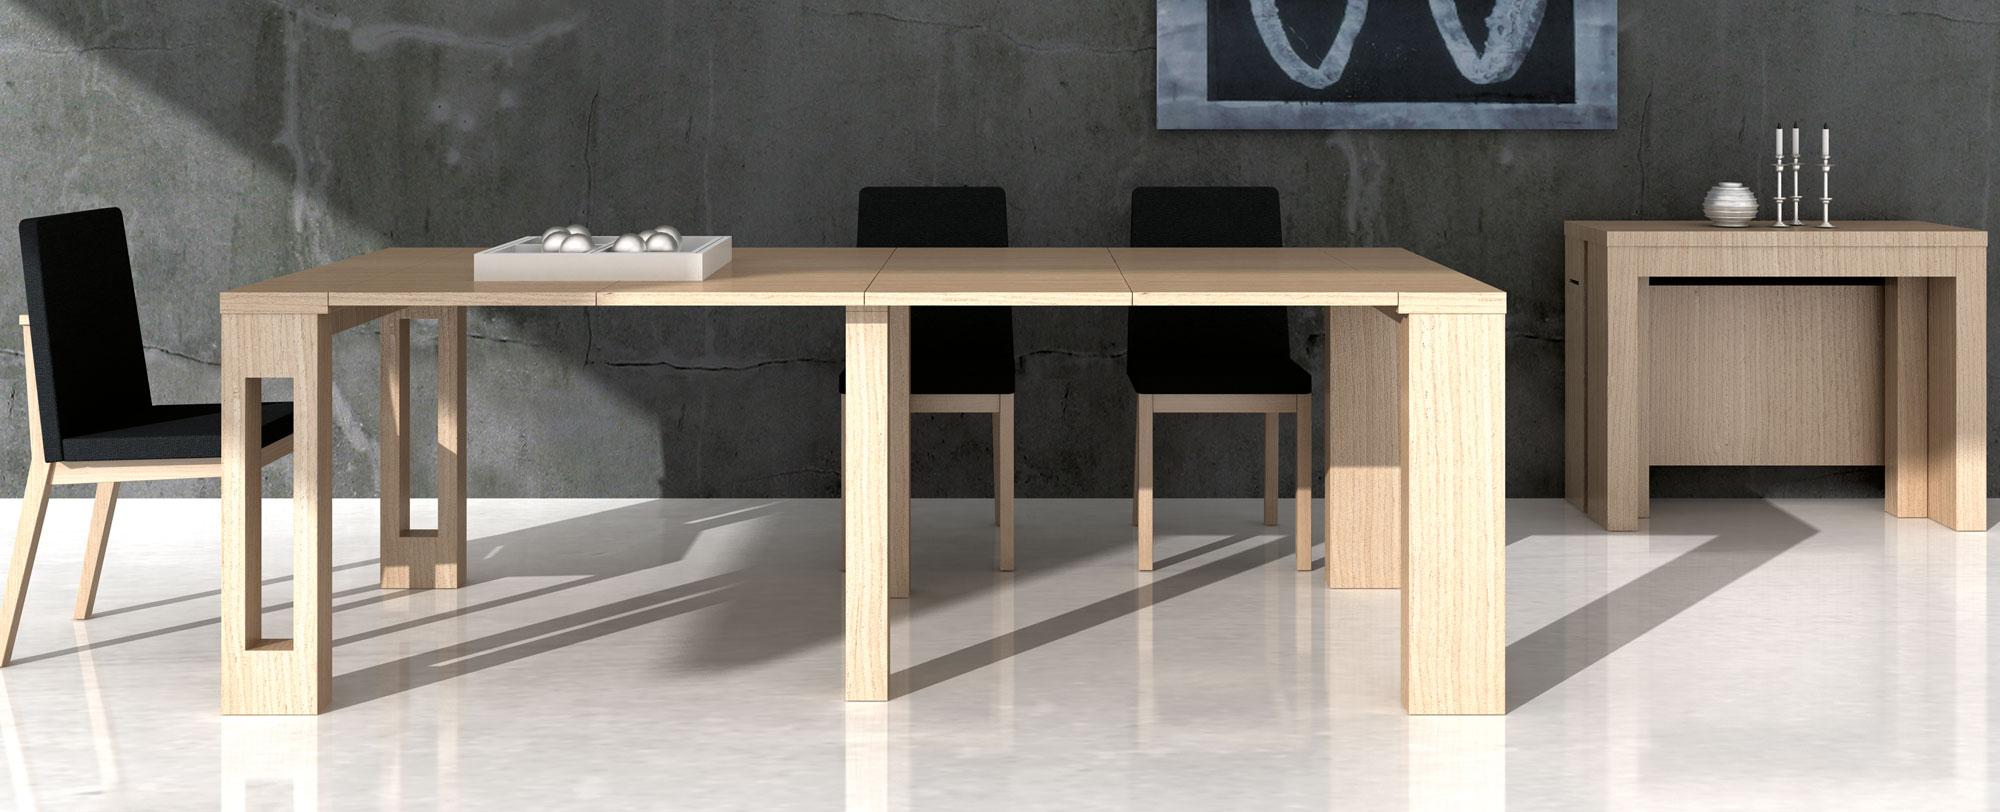 Como hacer una mesa de comedor finest mesa de comedor en - Como hacer una mesa de comedor ...